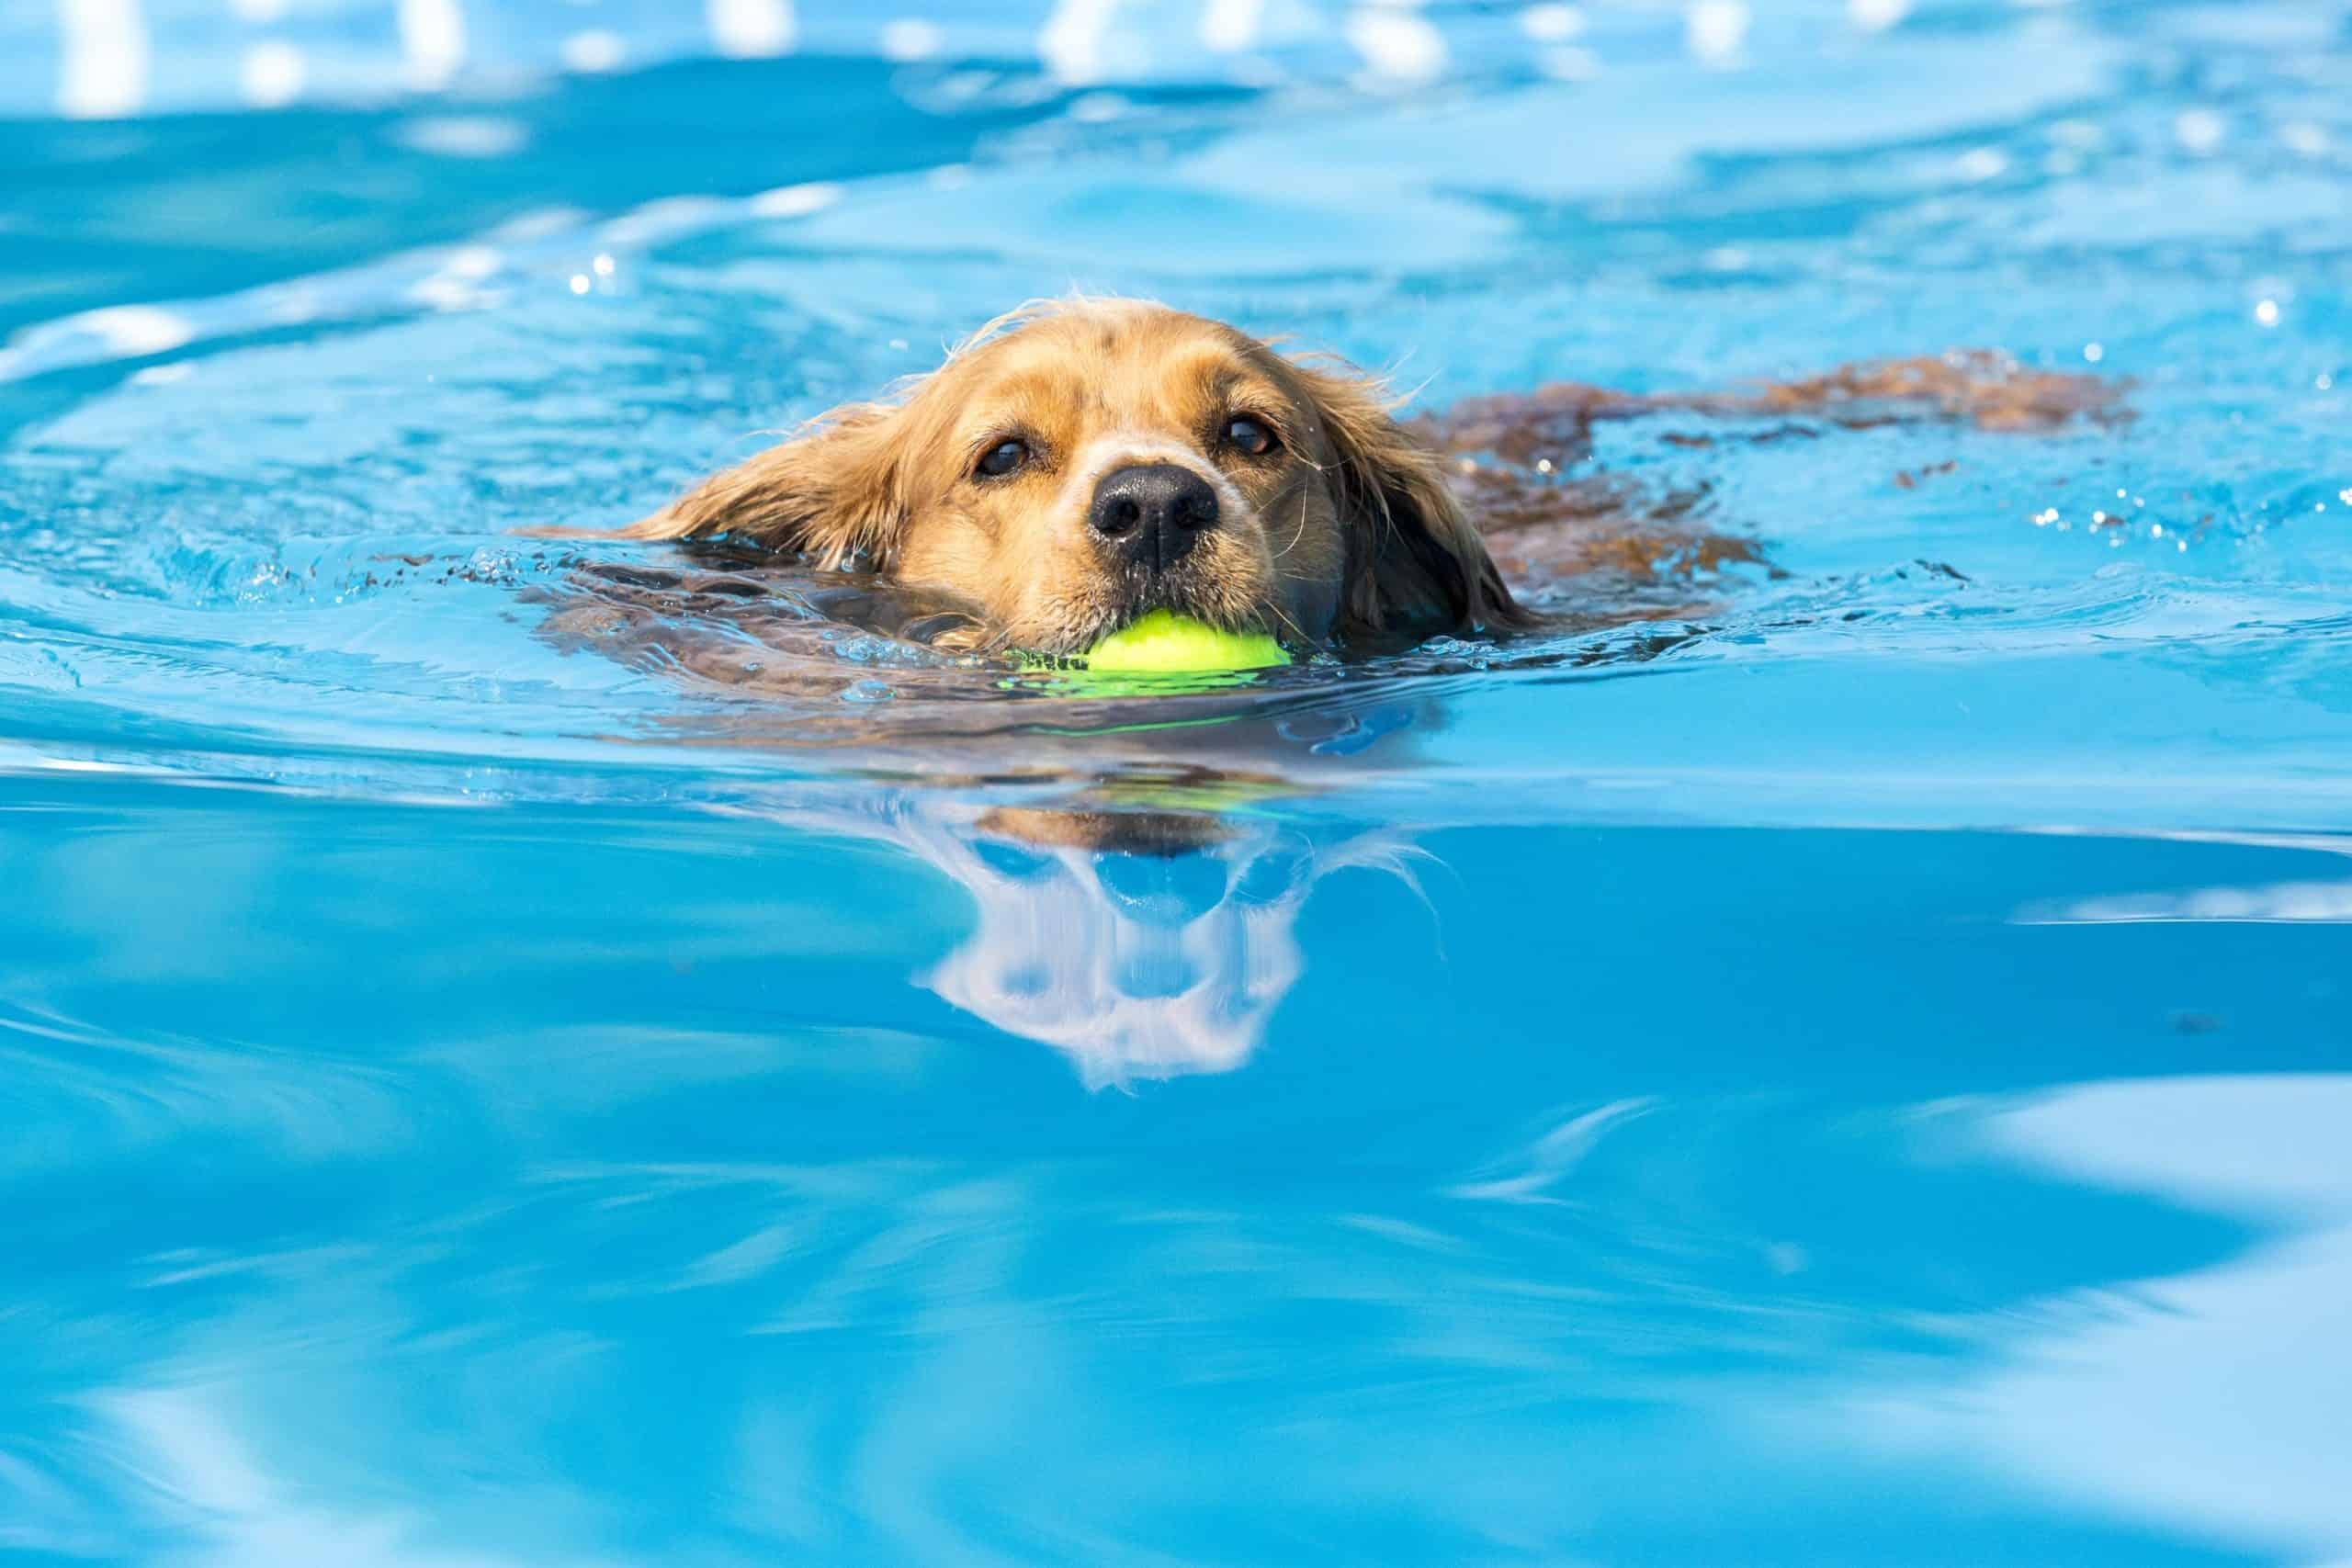 Labrador retriever swims while holding a tennis ball.